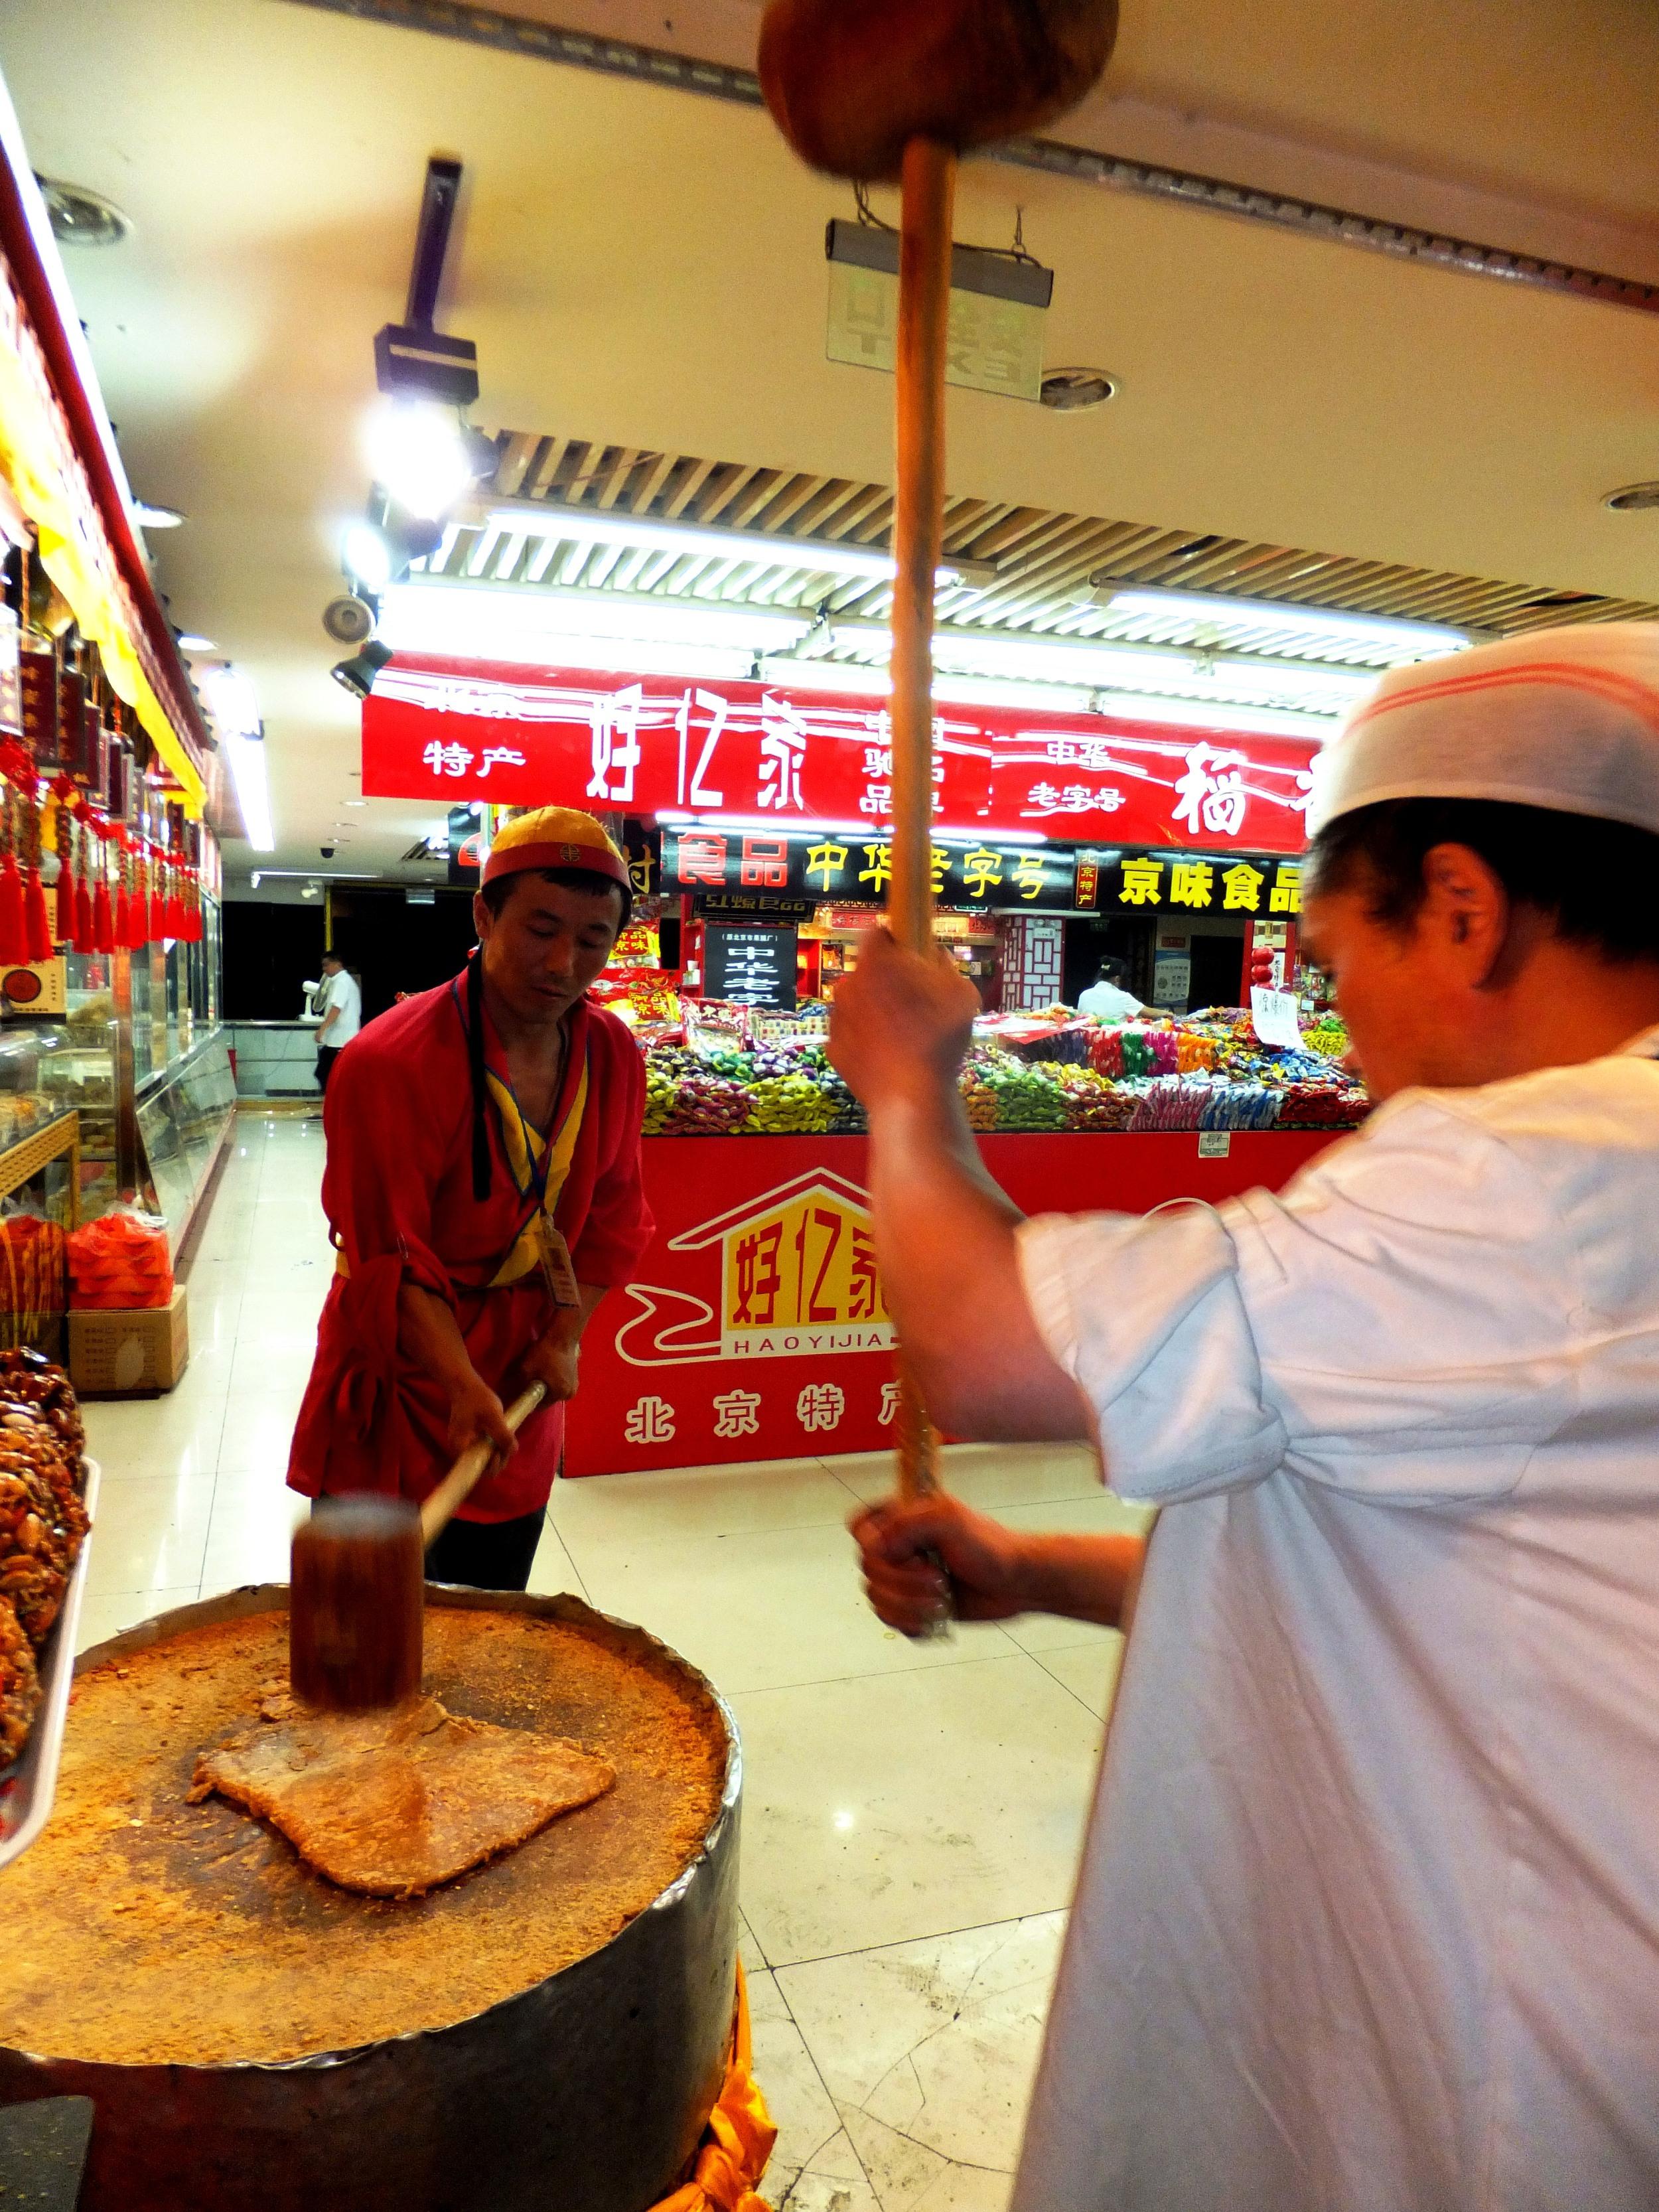 Making nut snack, Wangfujing